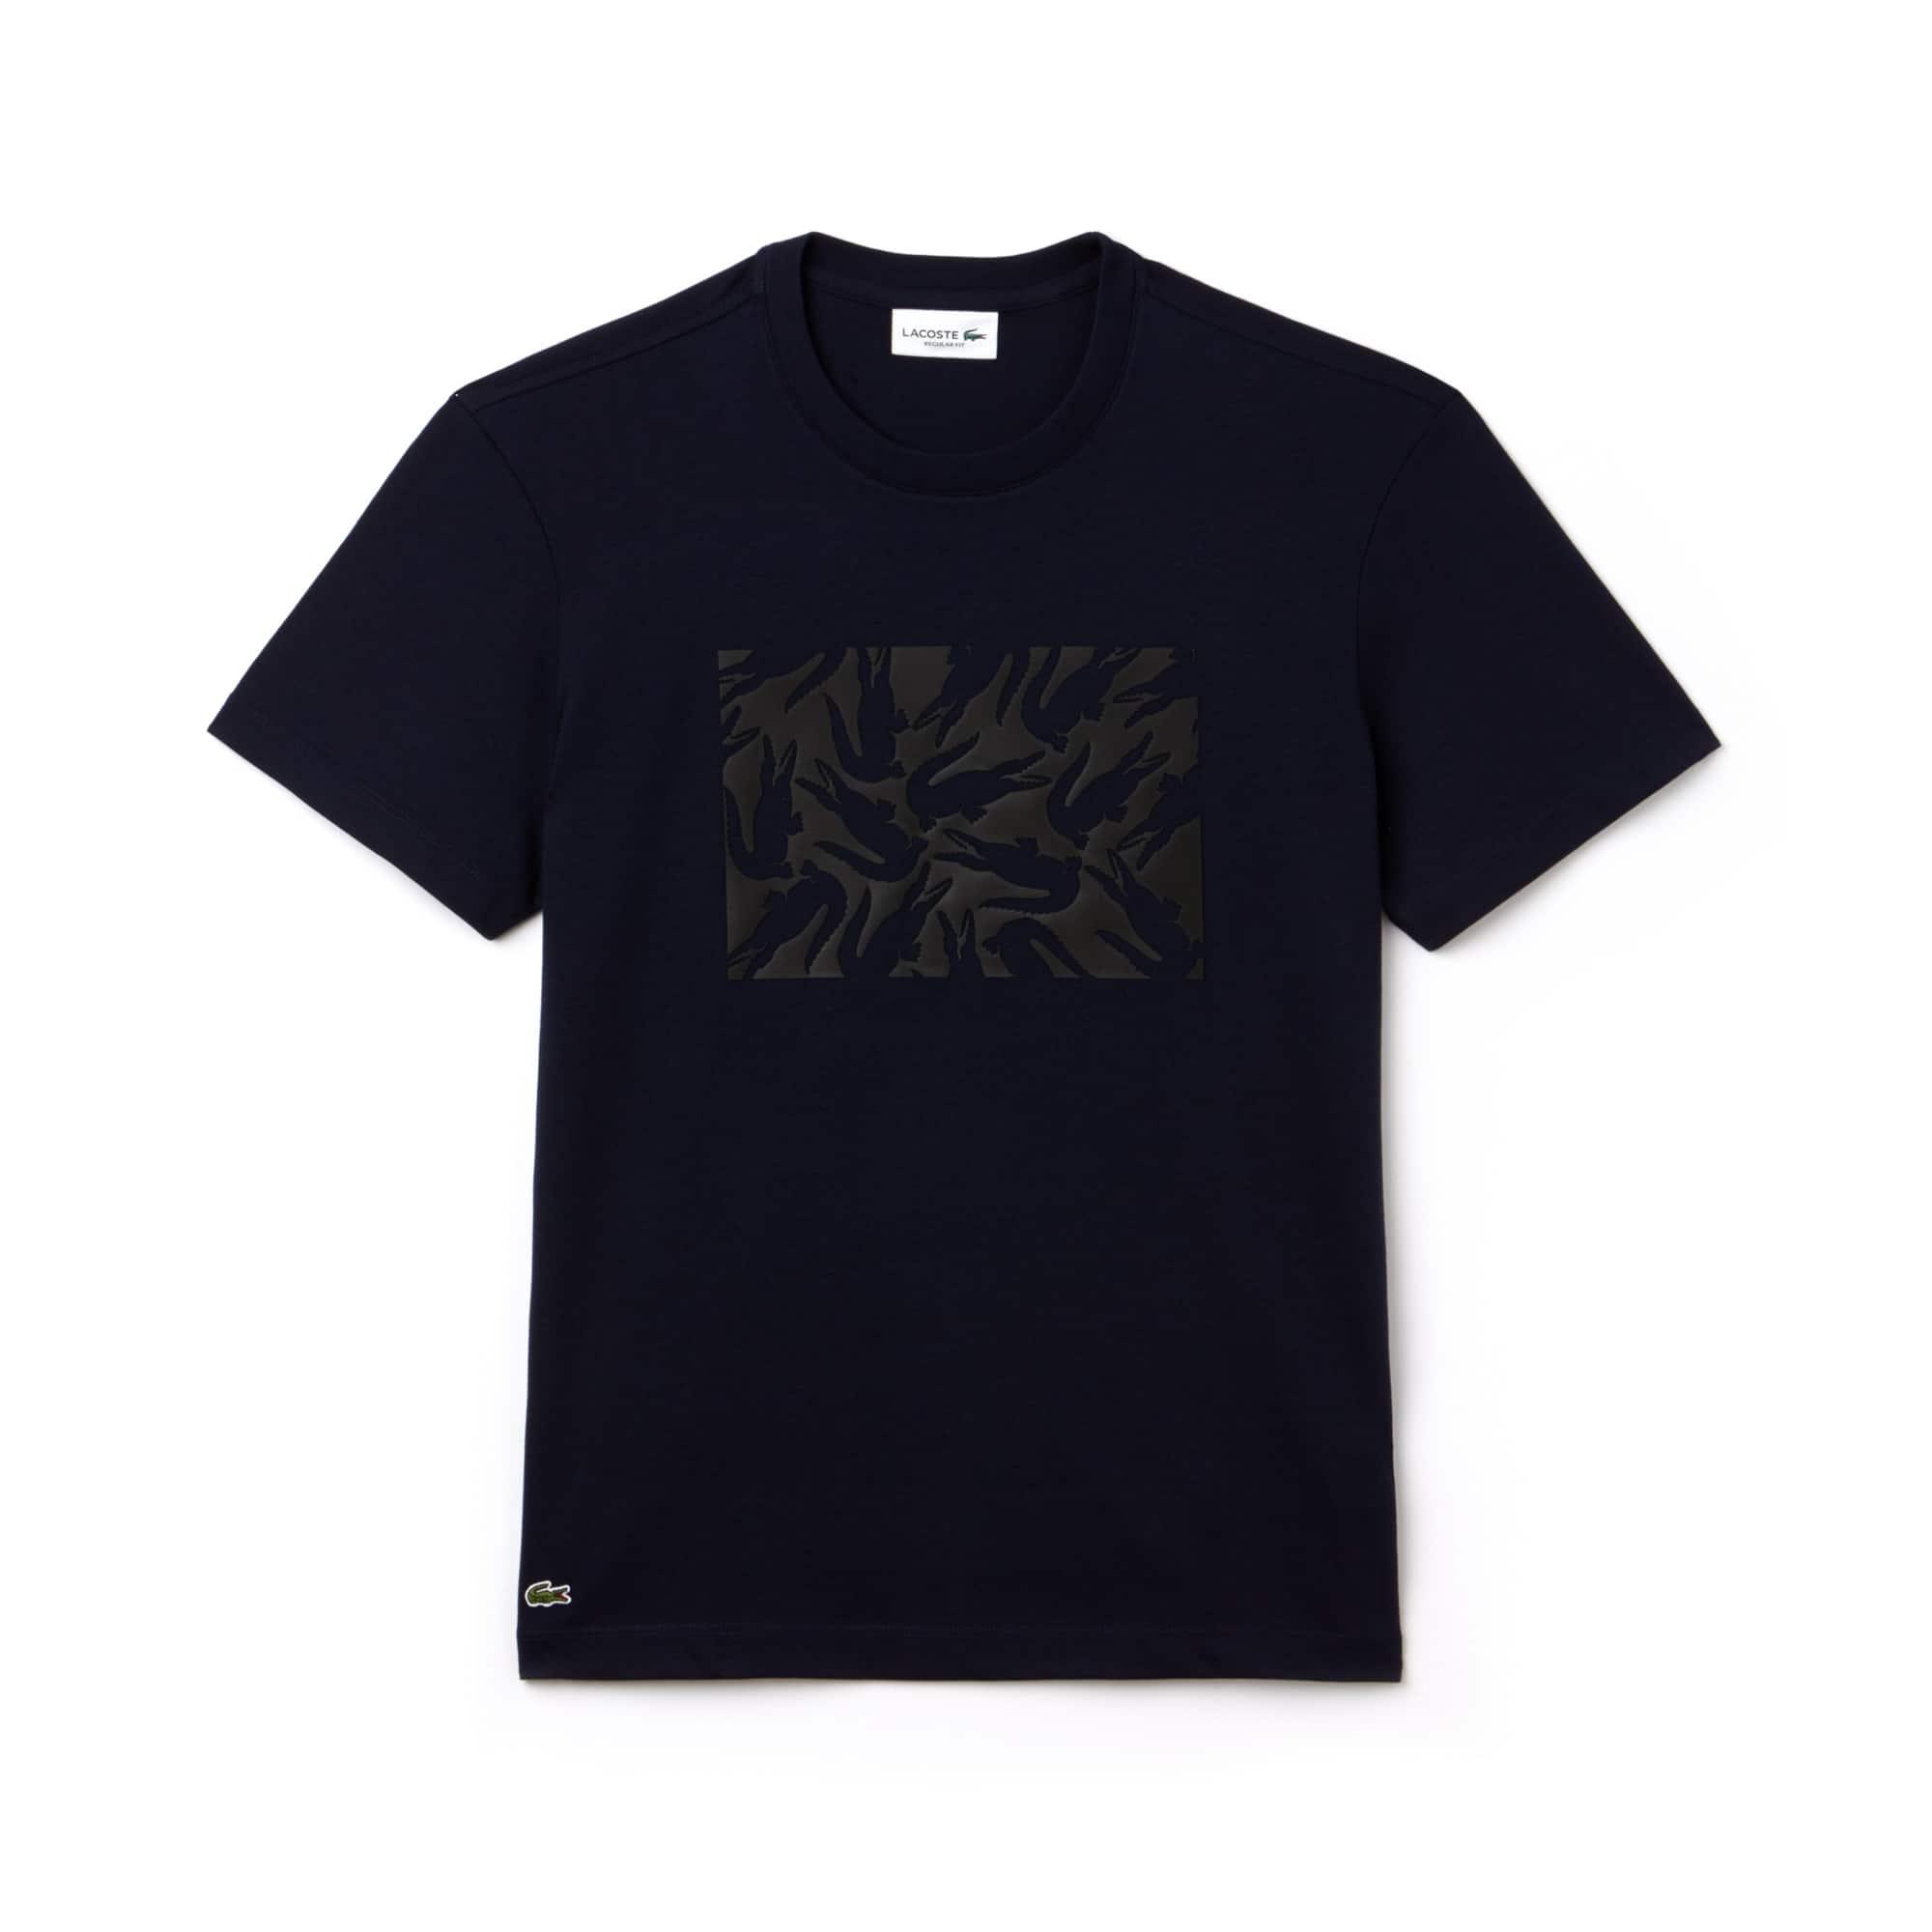 Men's Graphic Design Cotton T-Shirt